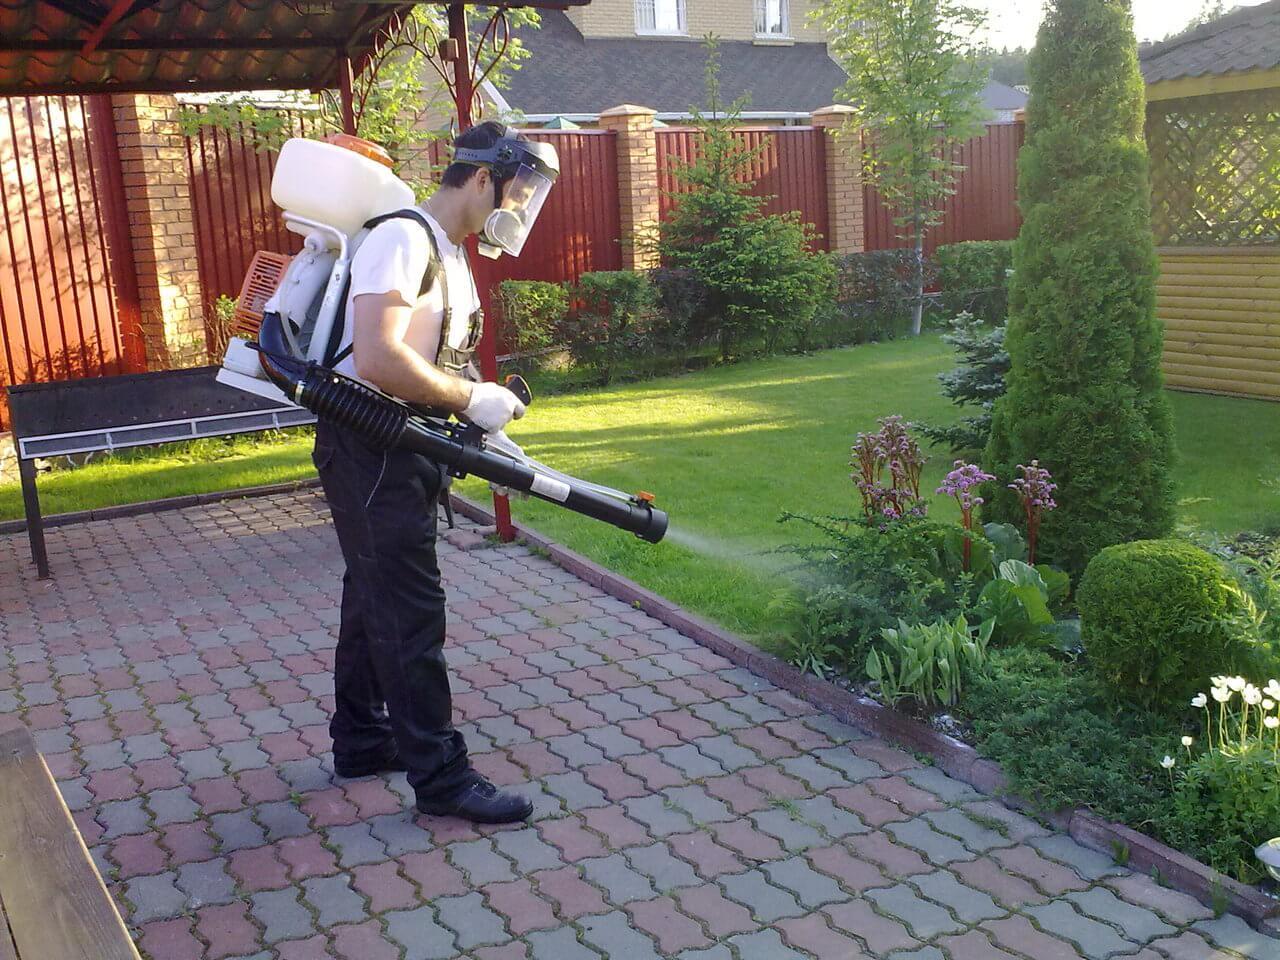 Ранцевые садовые электрические опрыскиватели - описание, принцип работы